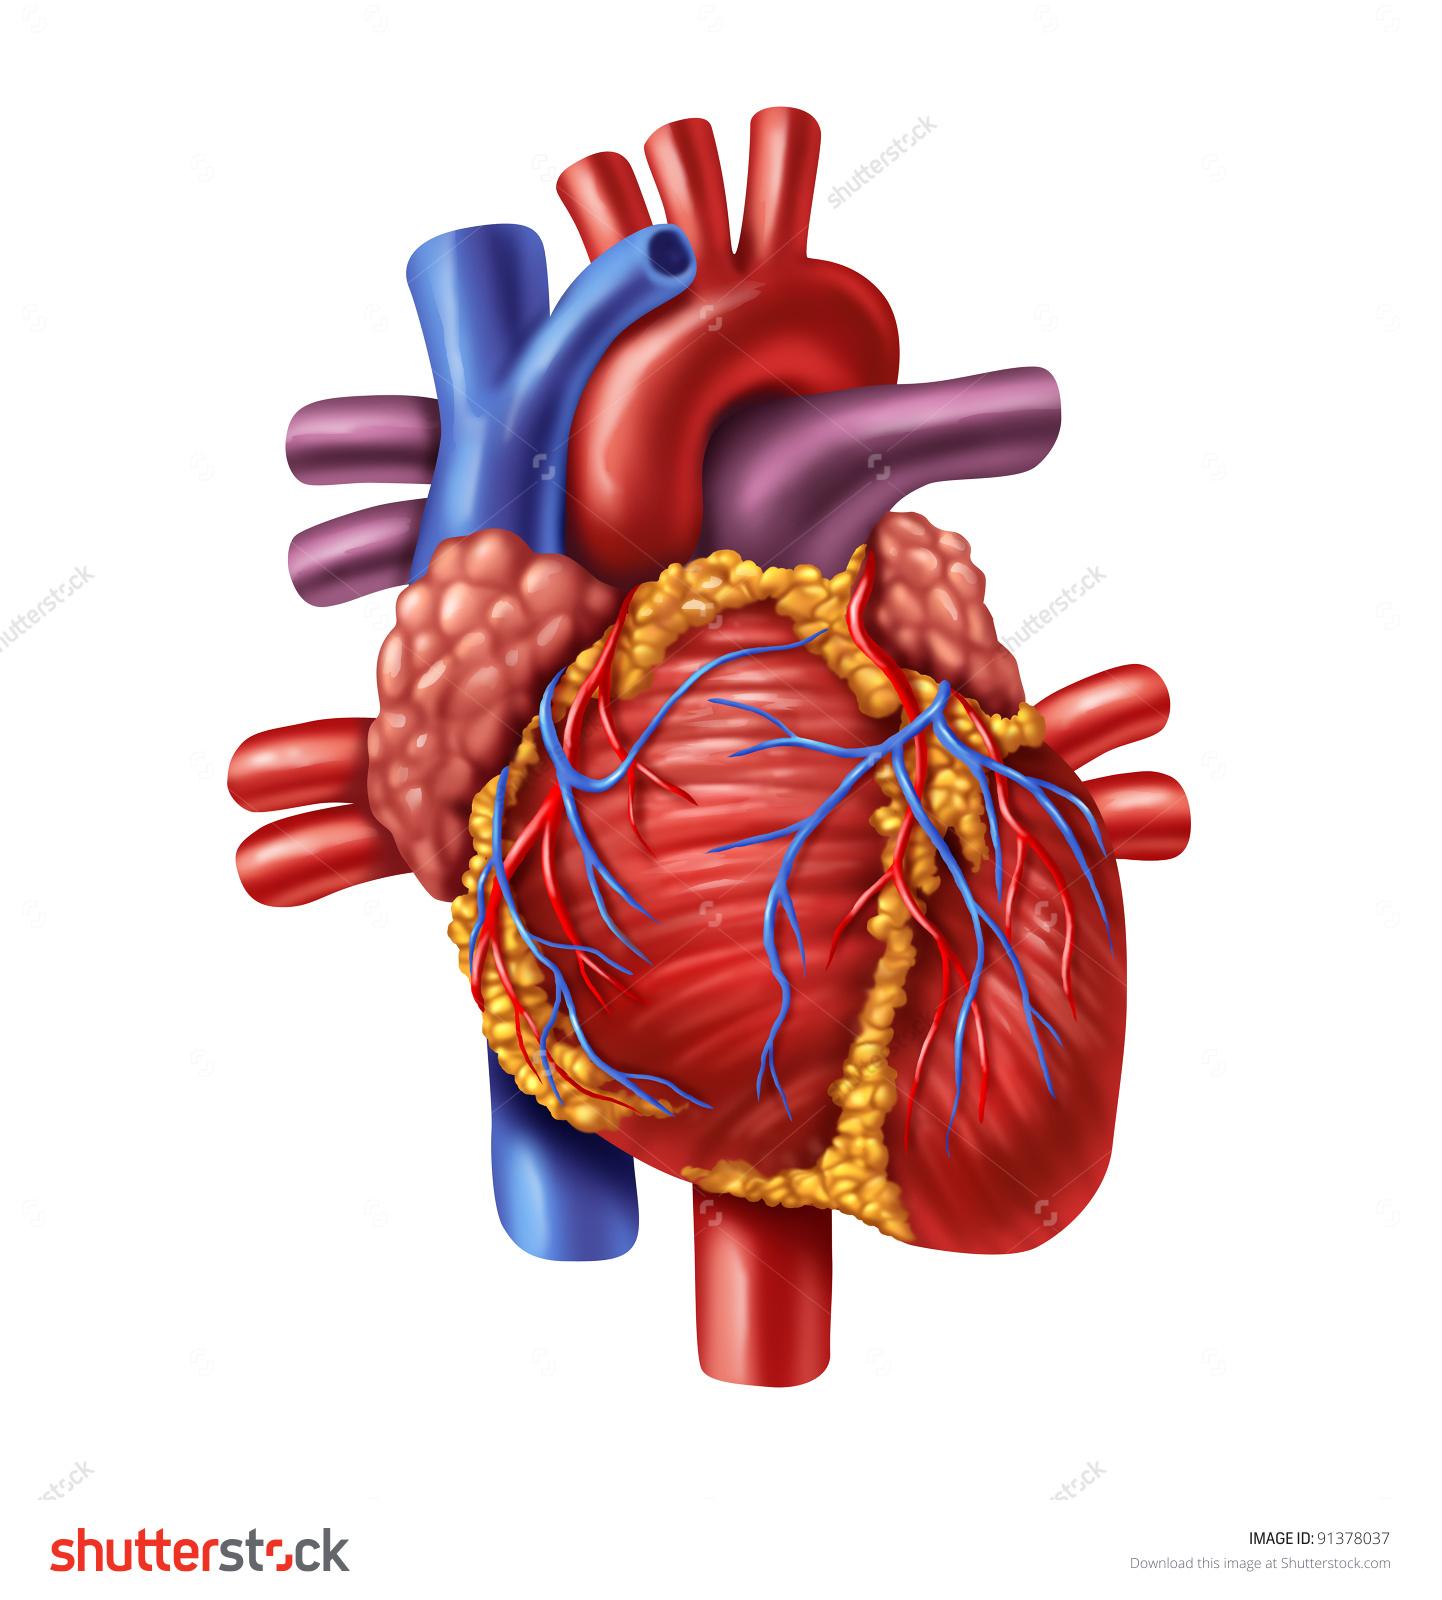 عکس قلب طبیعی انسان